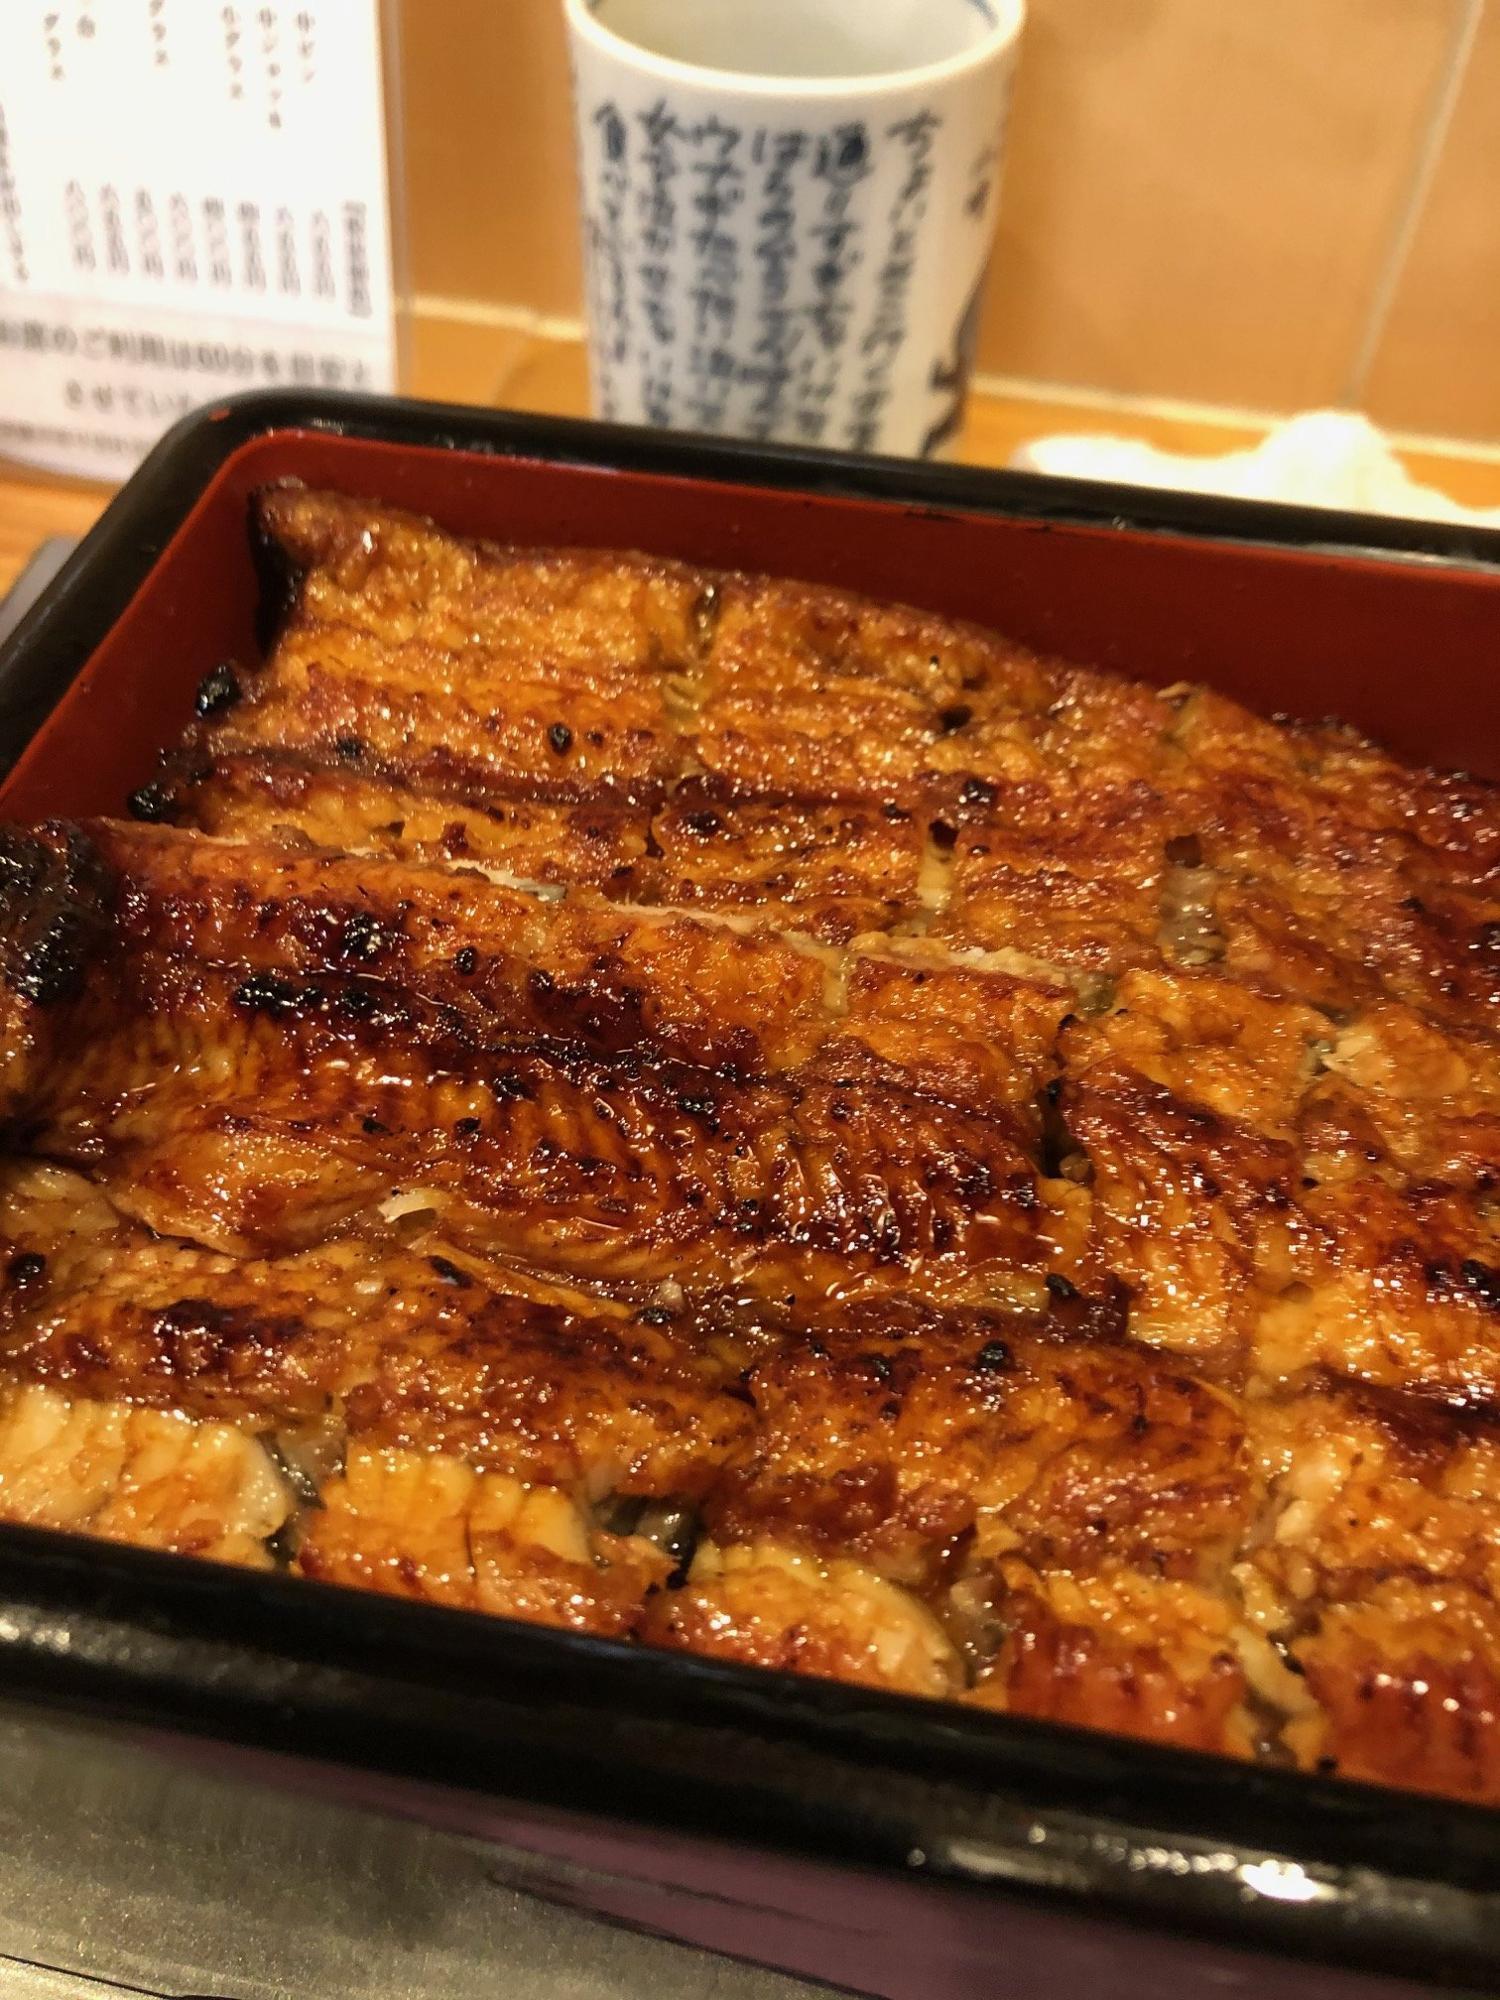 新仔鰻重(5390円)うなぎの甘味、旨味、ふわっとろの食感がたまらない逸品